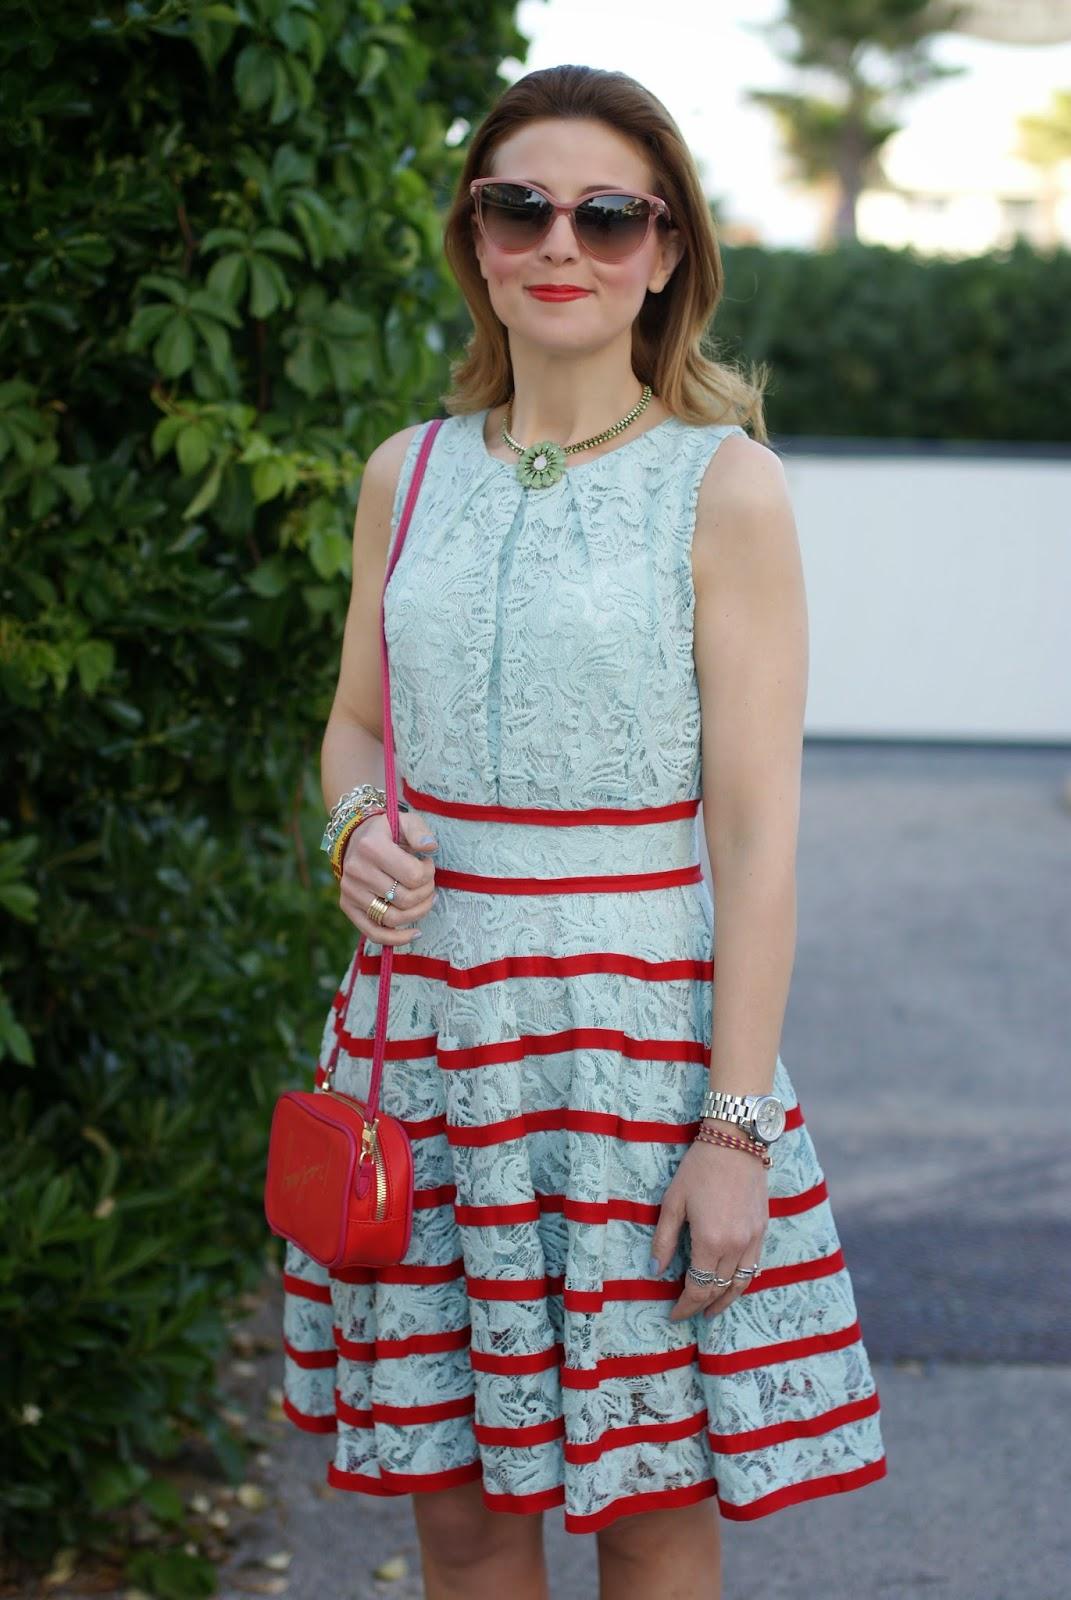 mint chicwish lace dress, Stella McCartney cat eye sunglasses, Fashion and cookies, fashion blogger